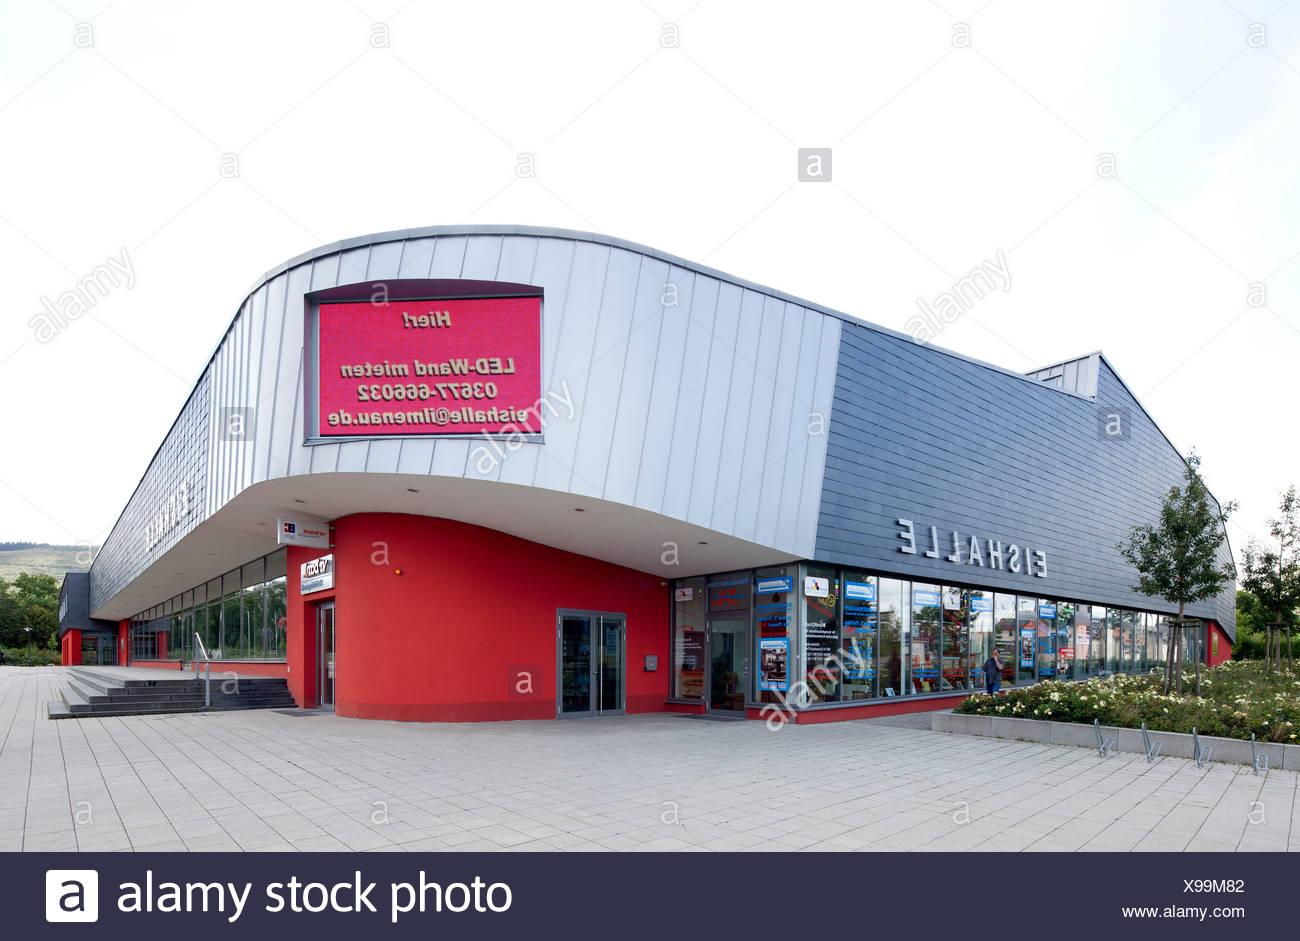 Eishalle Ilmenau, una pista de patinaje sobre hielo y de entretenimiento, Ilmenau, Turingia, Alemania, Europa, PublicGround Imagen De Stock